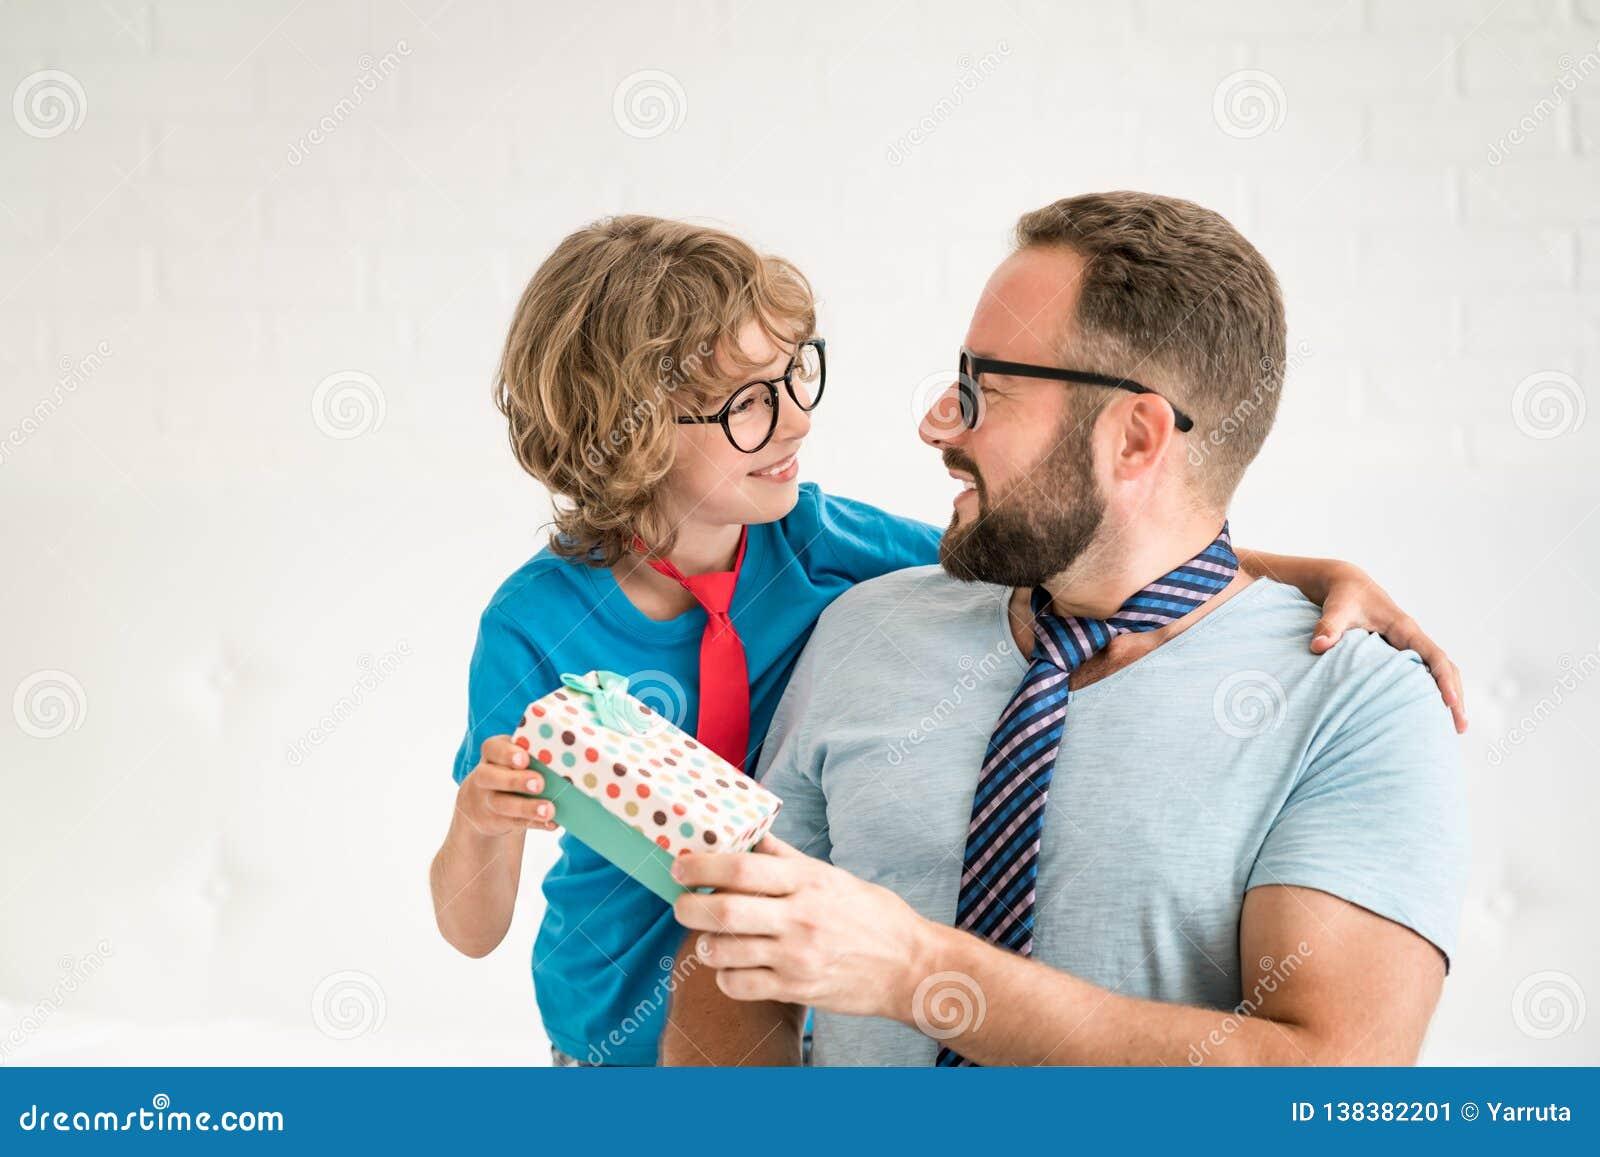 Διεθνής έννοια διακοπών ημέρας πατέρα